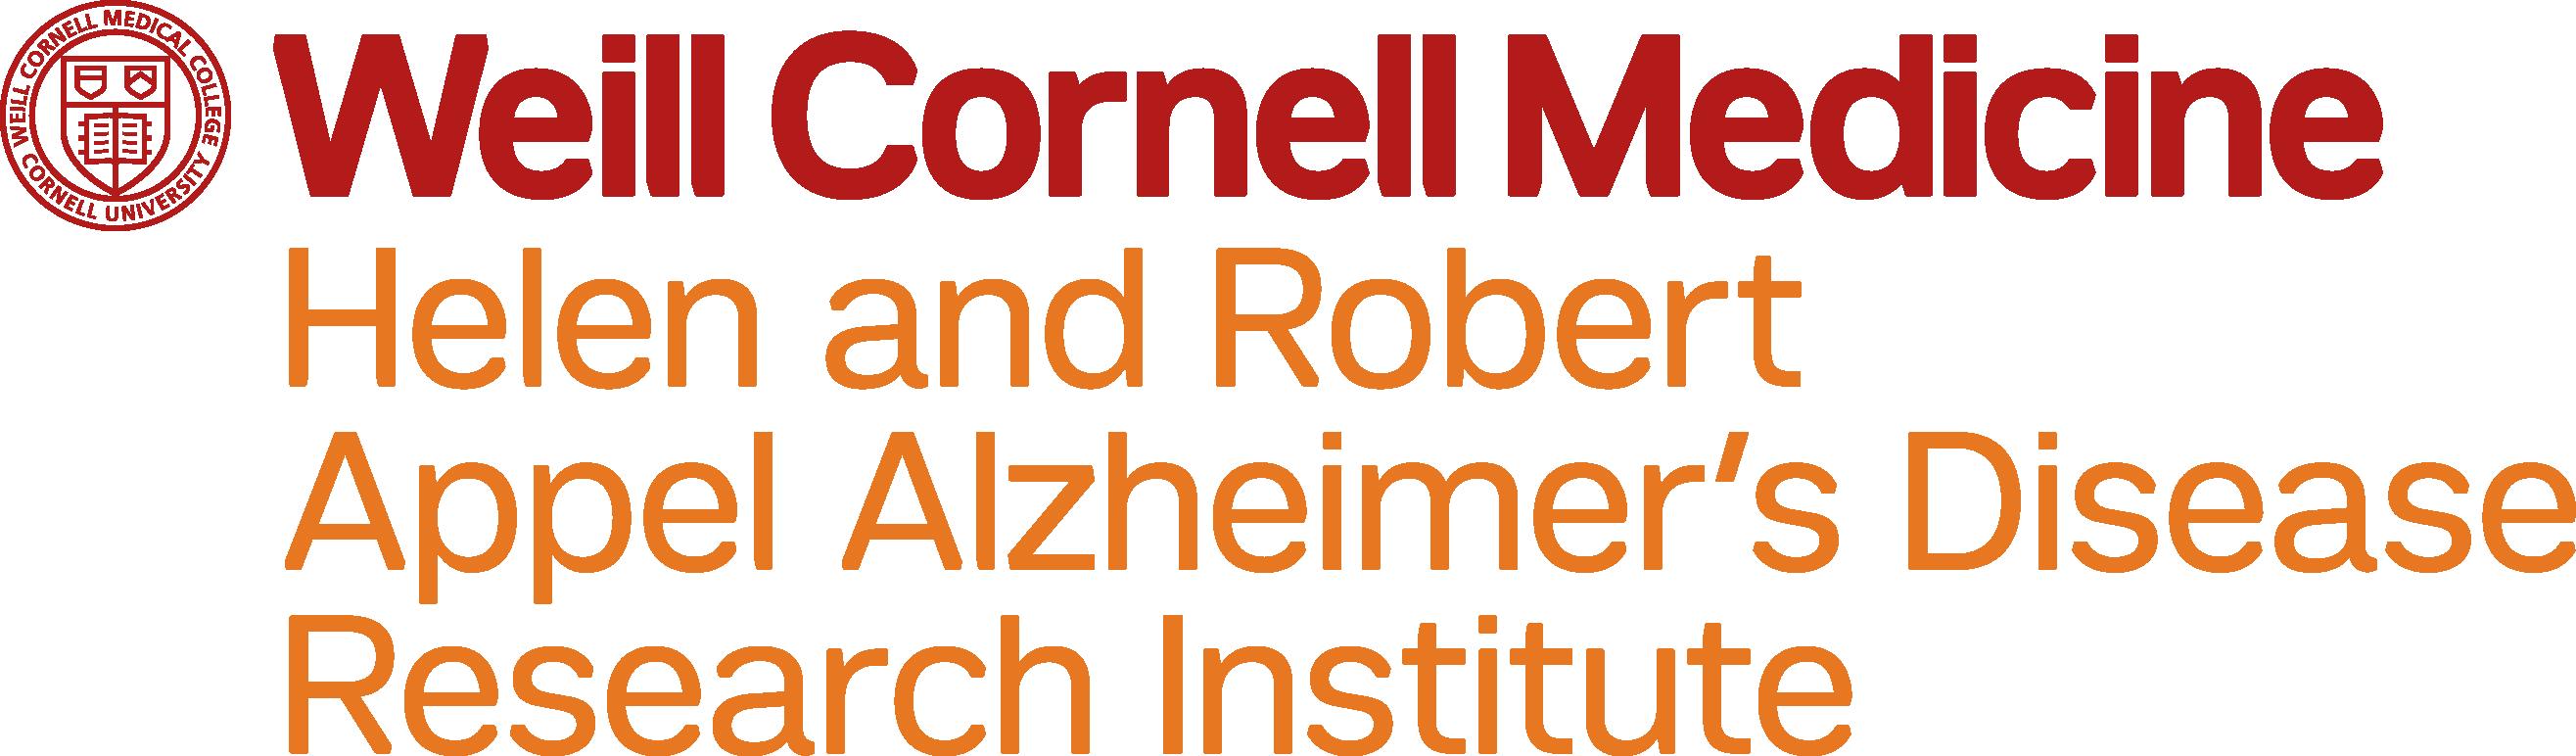 Helen & Robert Appel Alzheimer's Disease Research Institute